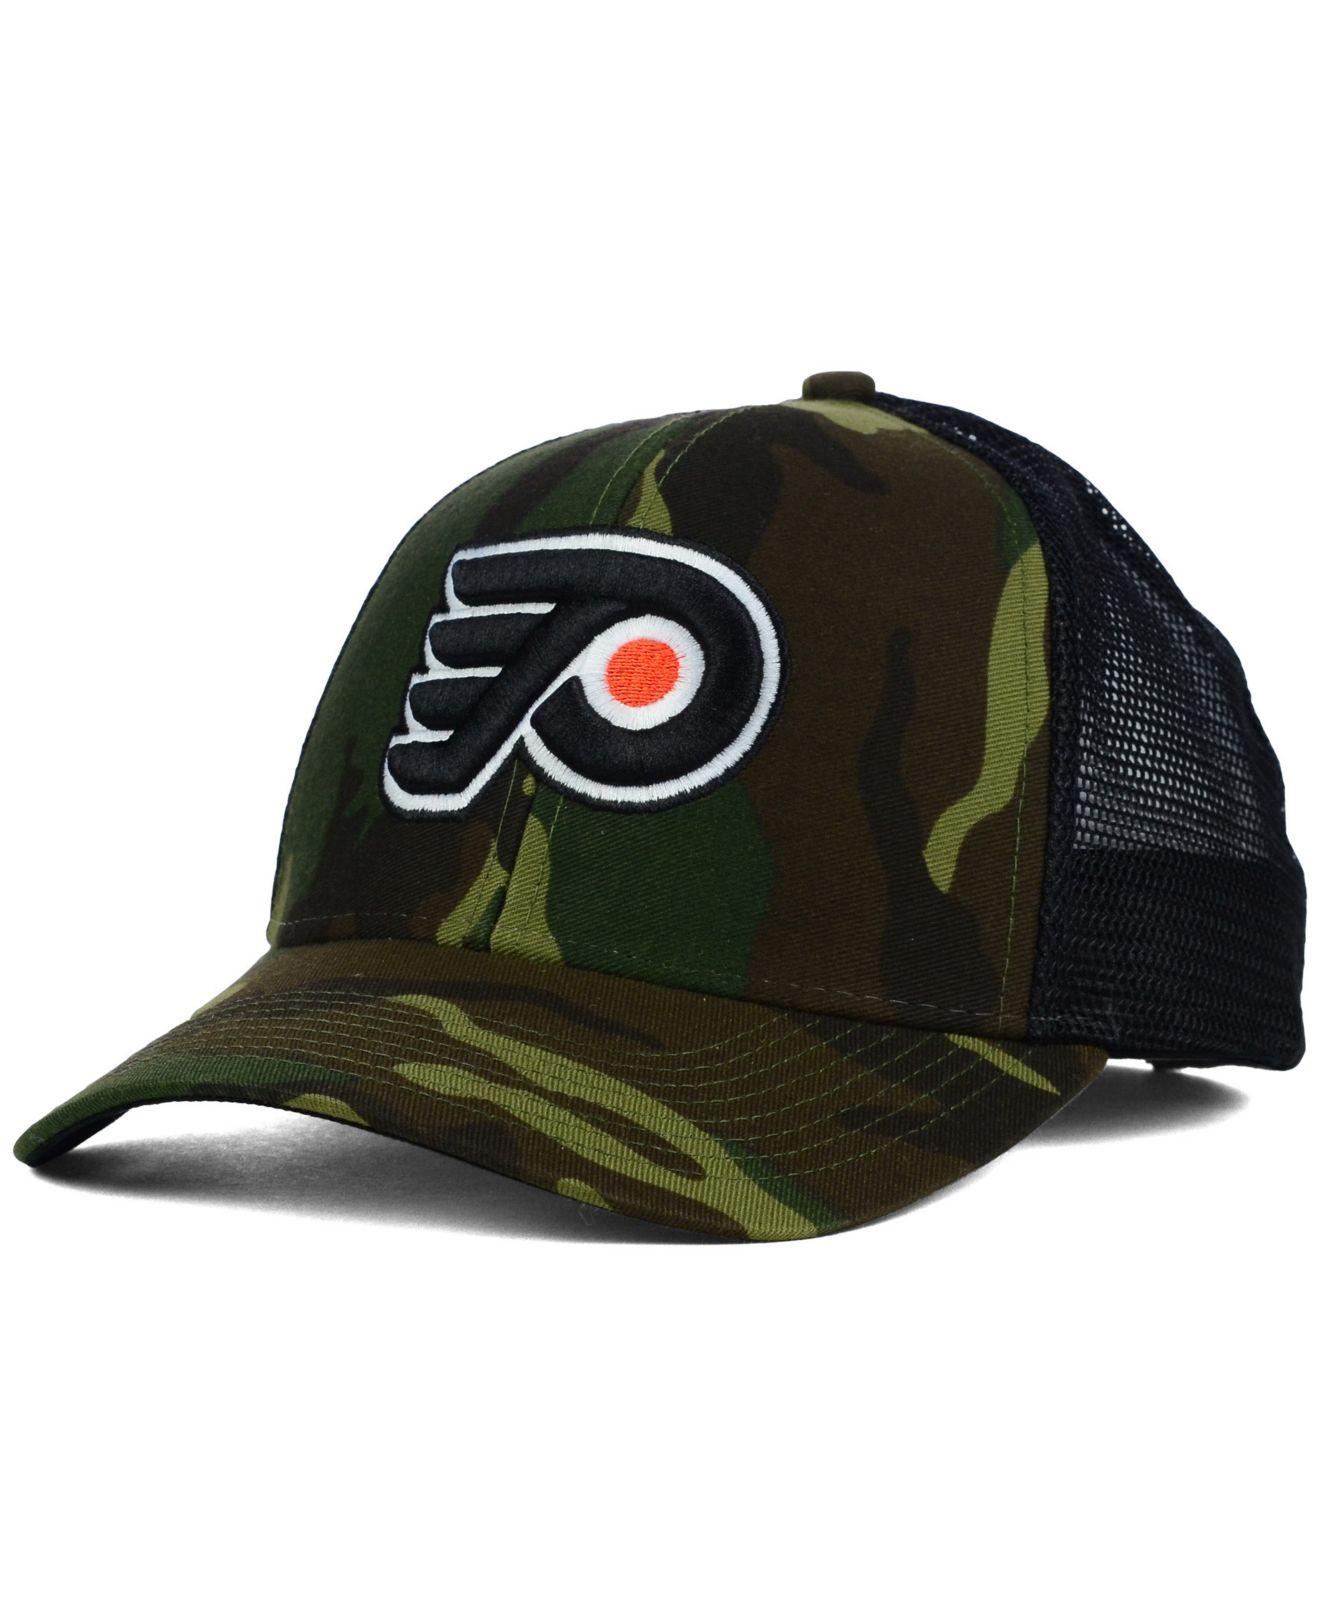 Lyst - Reebok Philadelphia Flyers Camo Trucker Cap in Green for Men b416bb877ff